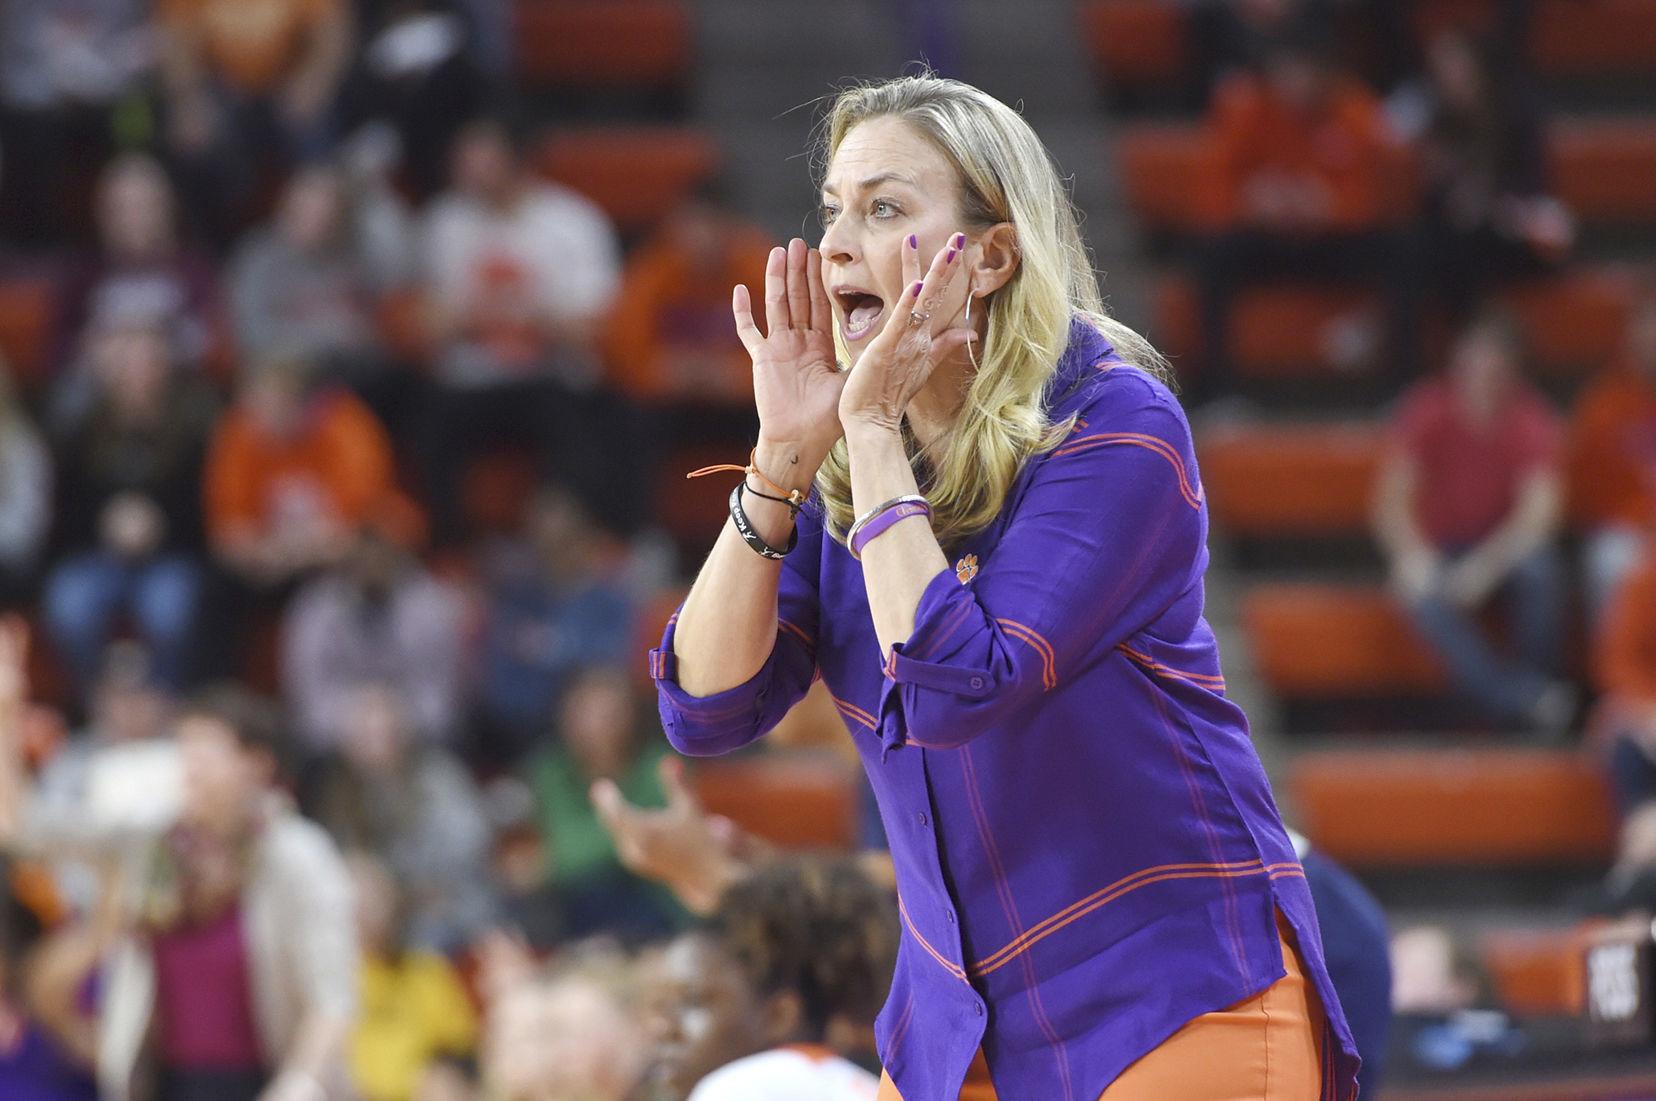 ACC WOMEN'S TOURNAMENT: Notre Dame, Louisville lead the